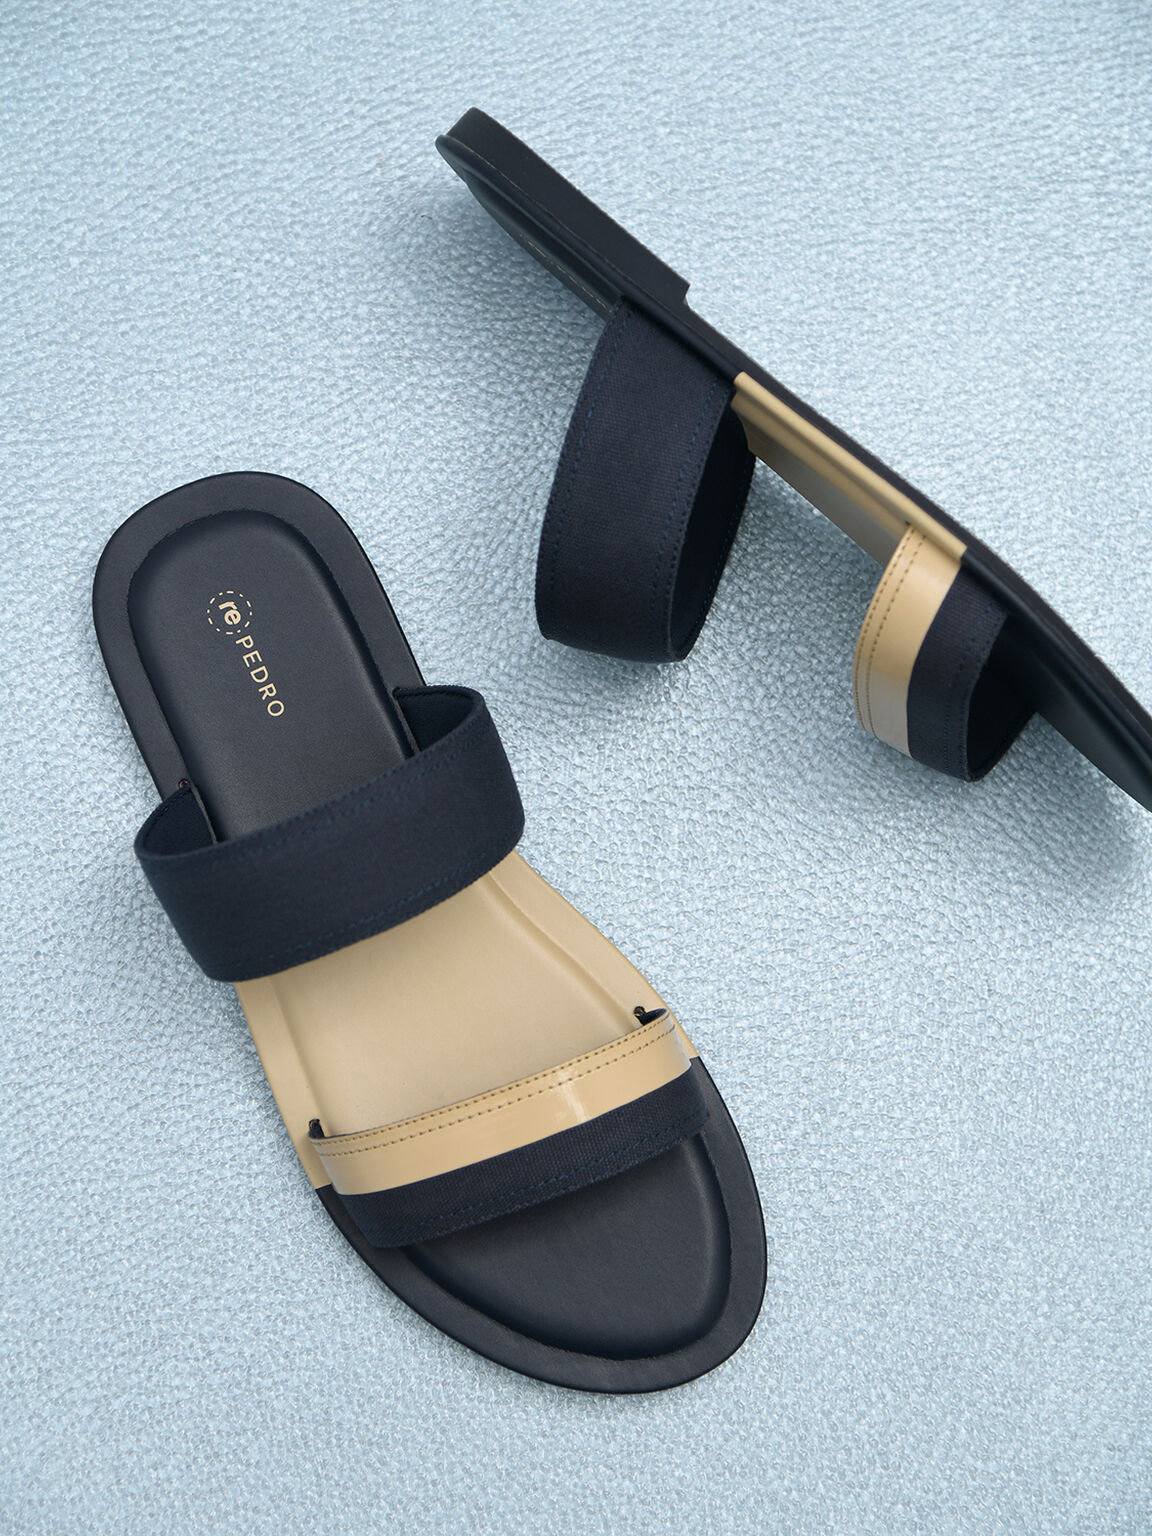 rePEDRO雙色涼鞋, 海军蓝色, hi-res